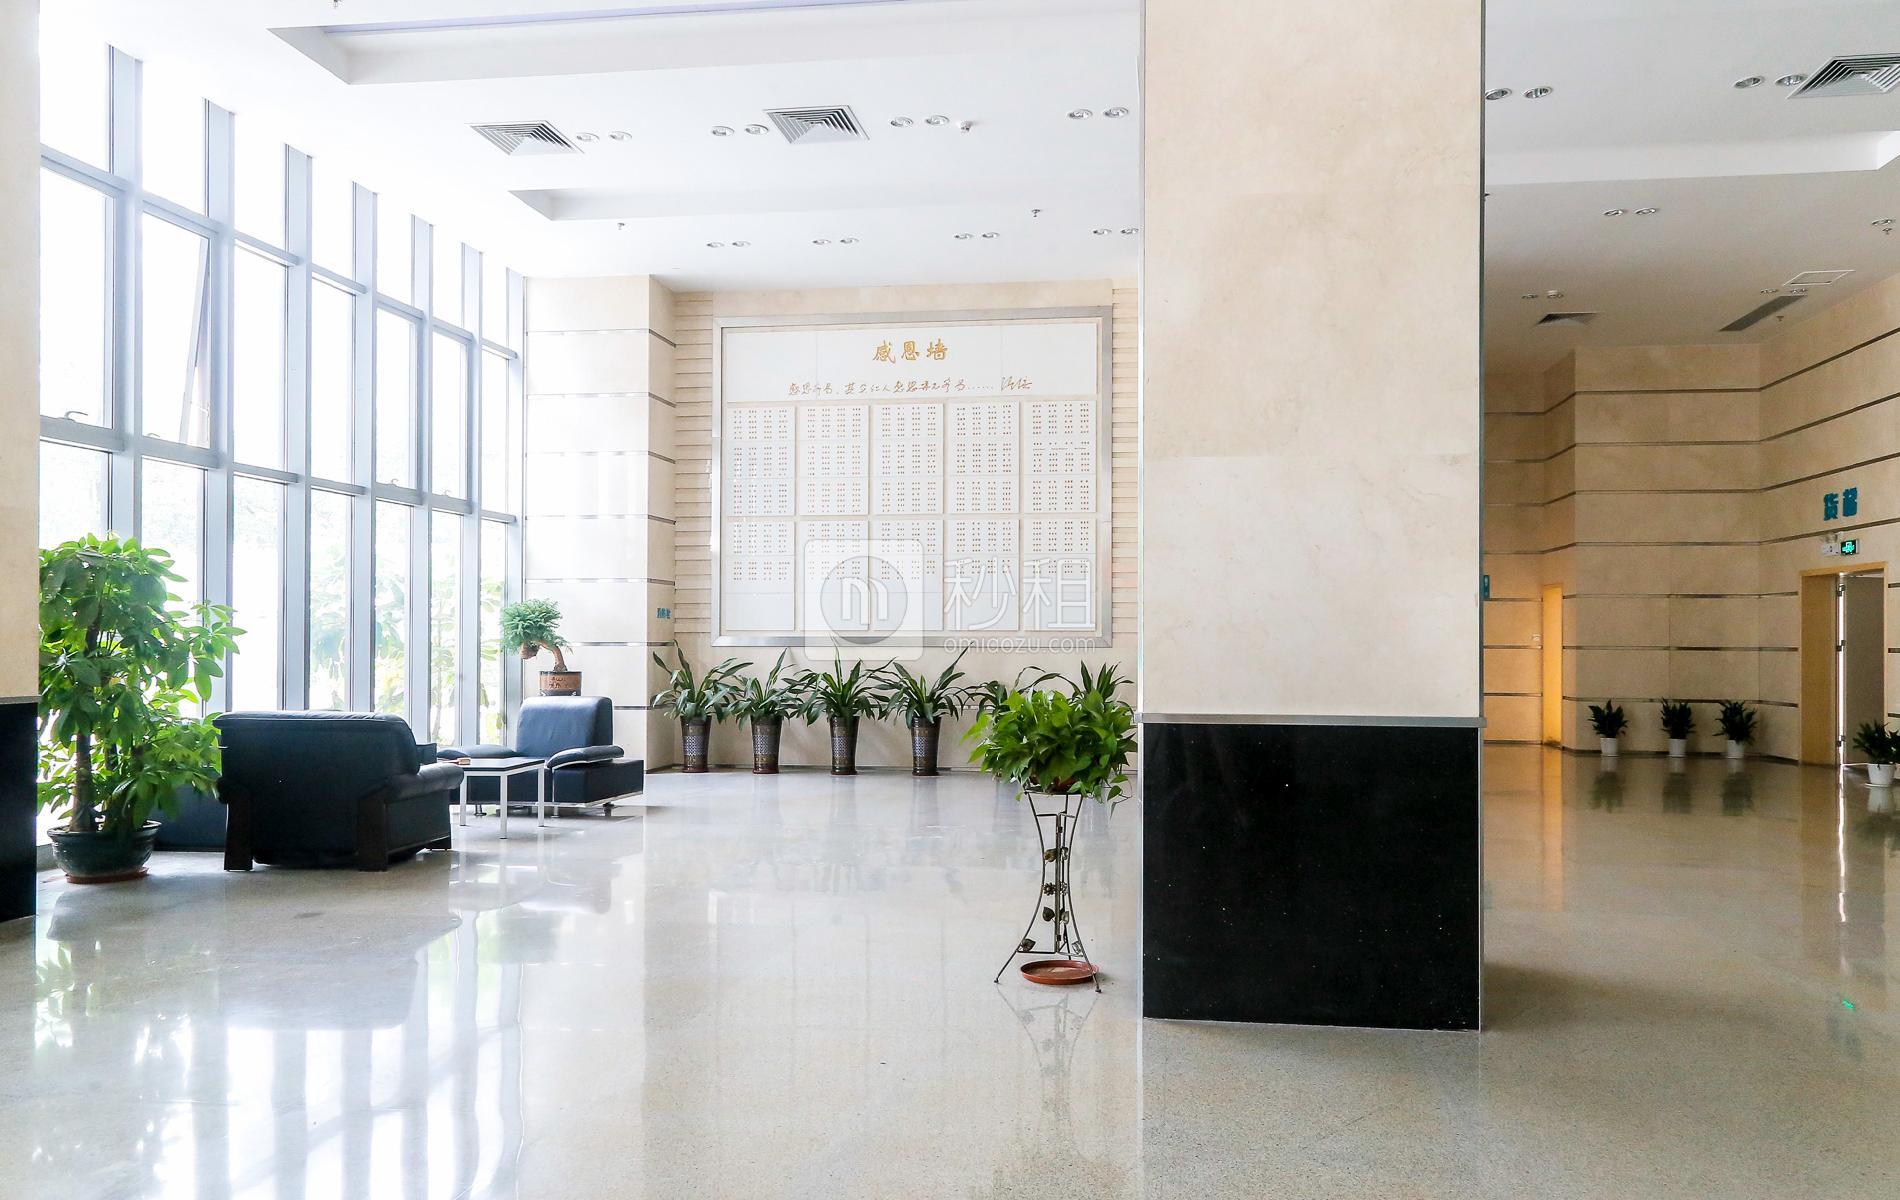 本斯大厦写字楼出租/招租/租赁,本斯大厦办公室出租/招租/租赁